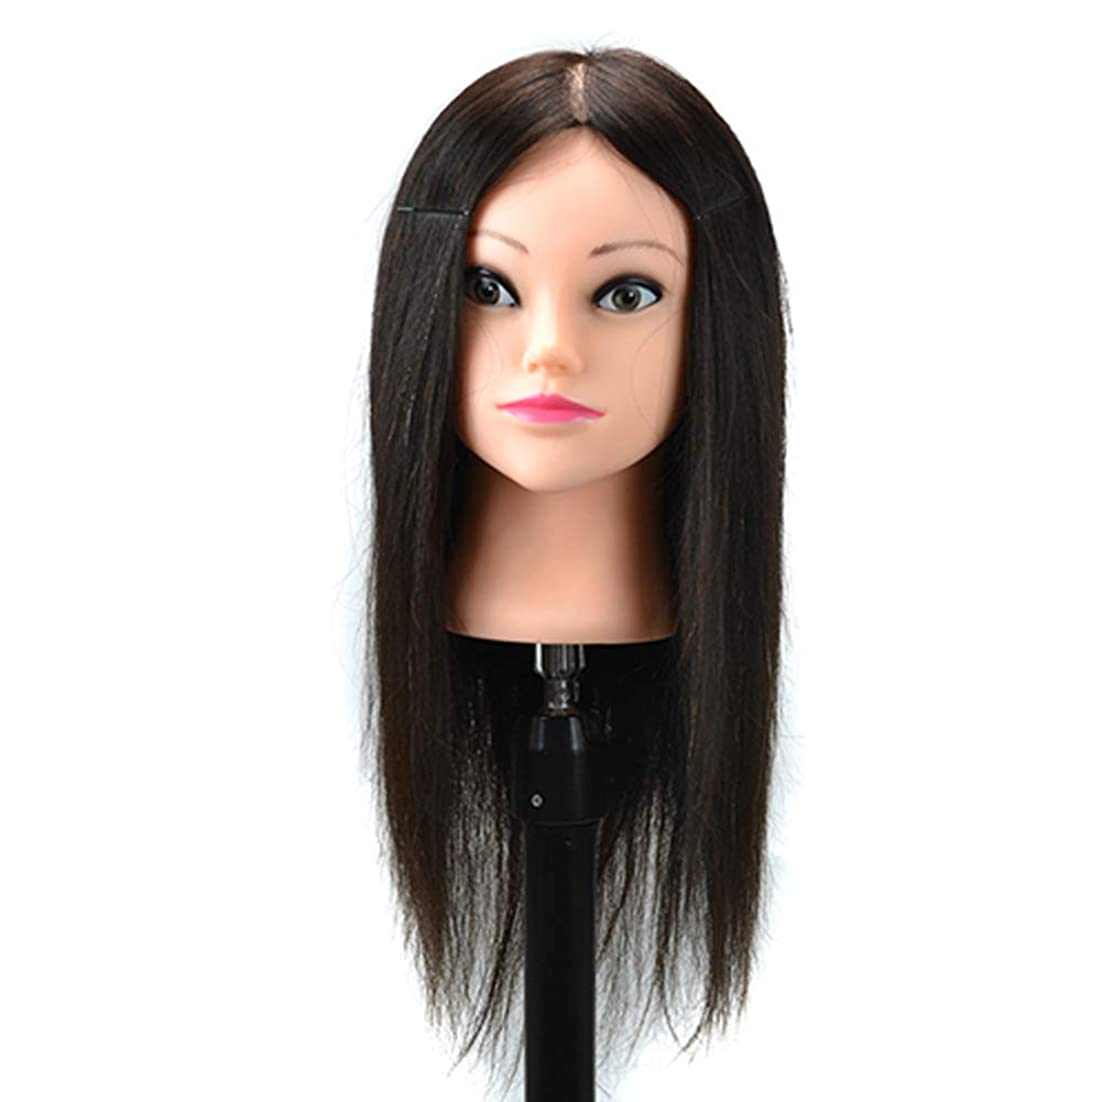 雄弁家に対応枯渇トリミングパーマウィッグマネキンヘッドパンヘッド化粧練習ダミーヘッドは小さなブラケットで染められたホットロールトレーニングヘッドにすることができます